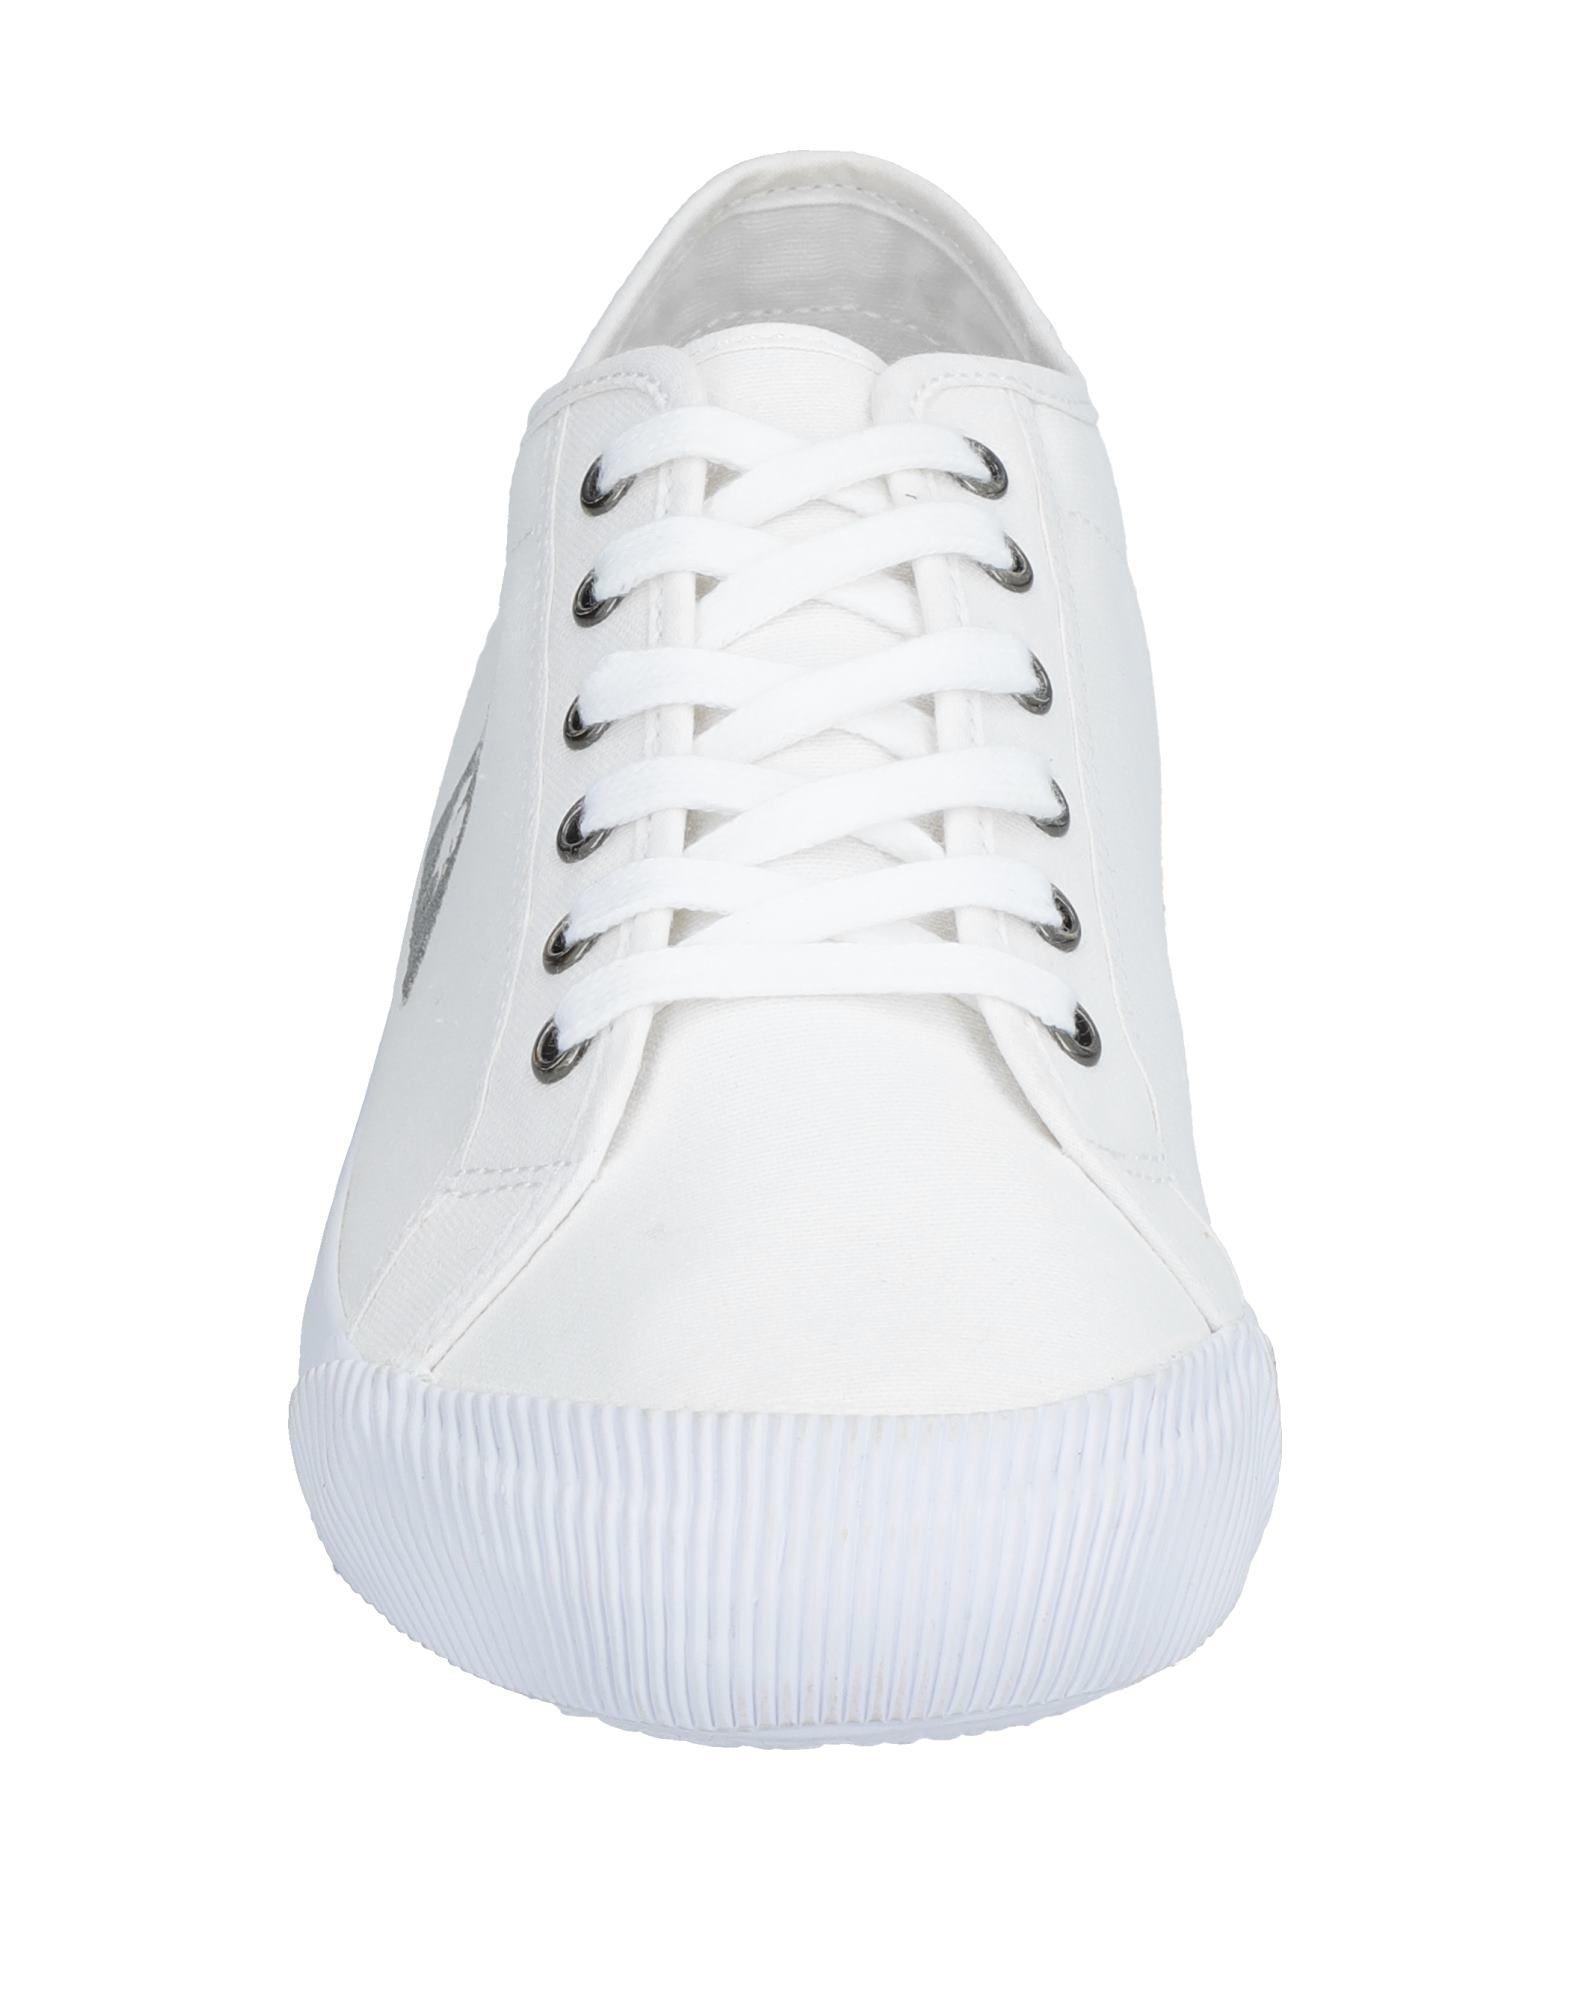 ... Rabatt echte Schuhe Herren Le Coq Sportif Sneakers Herren Schuhe  11534340FC 00d8f7 174b05c369